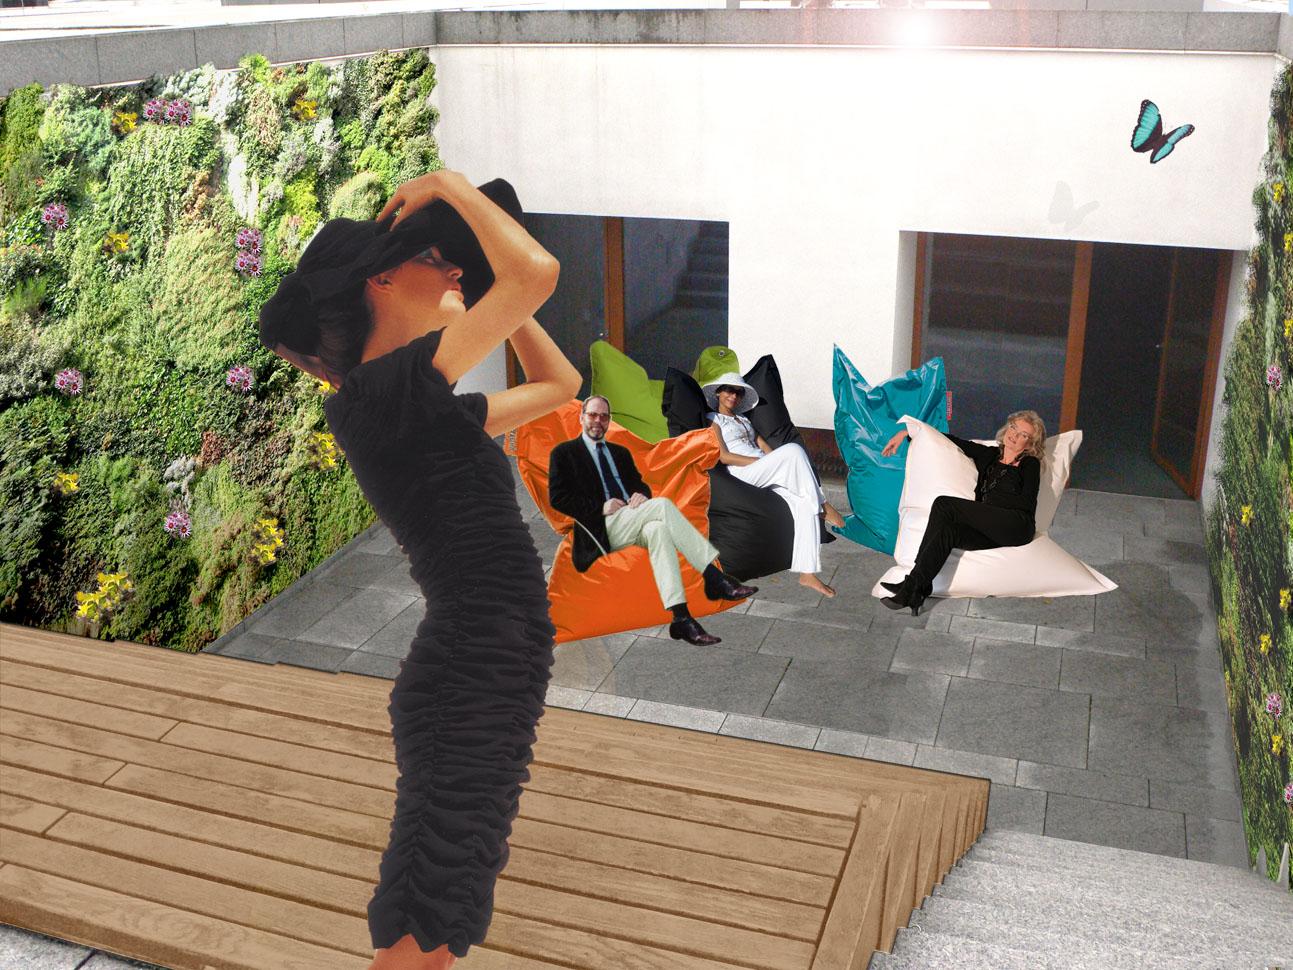 Dachterrasse mit Vertical Gardens